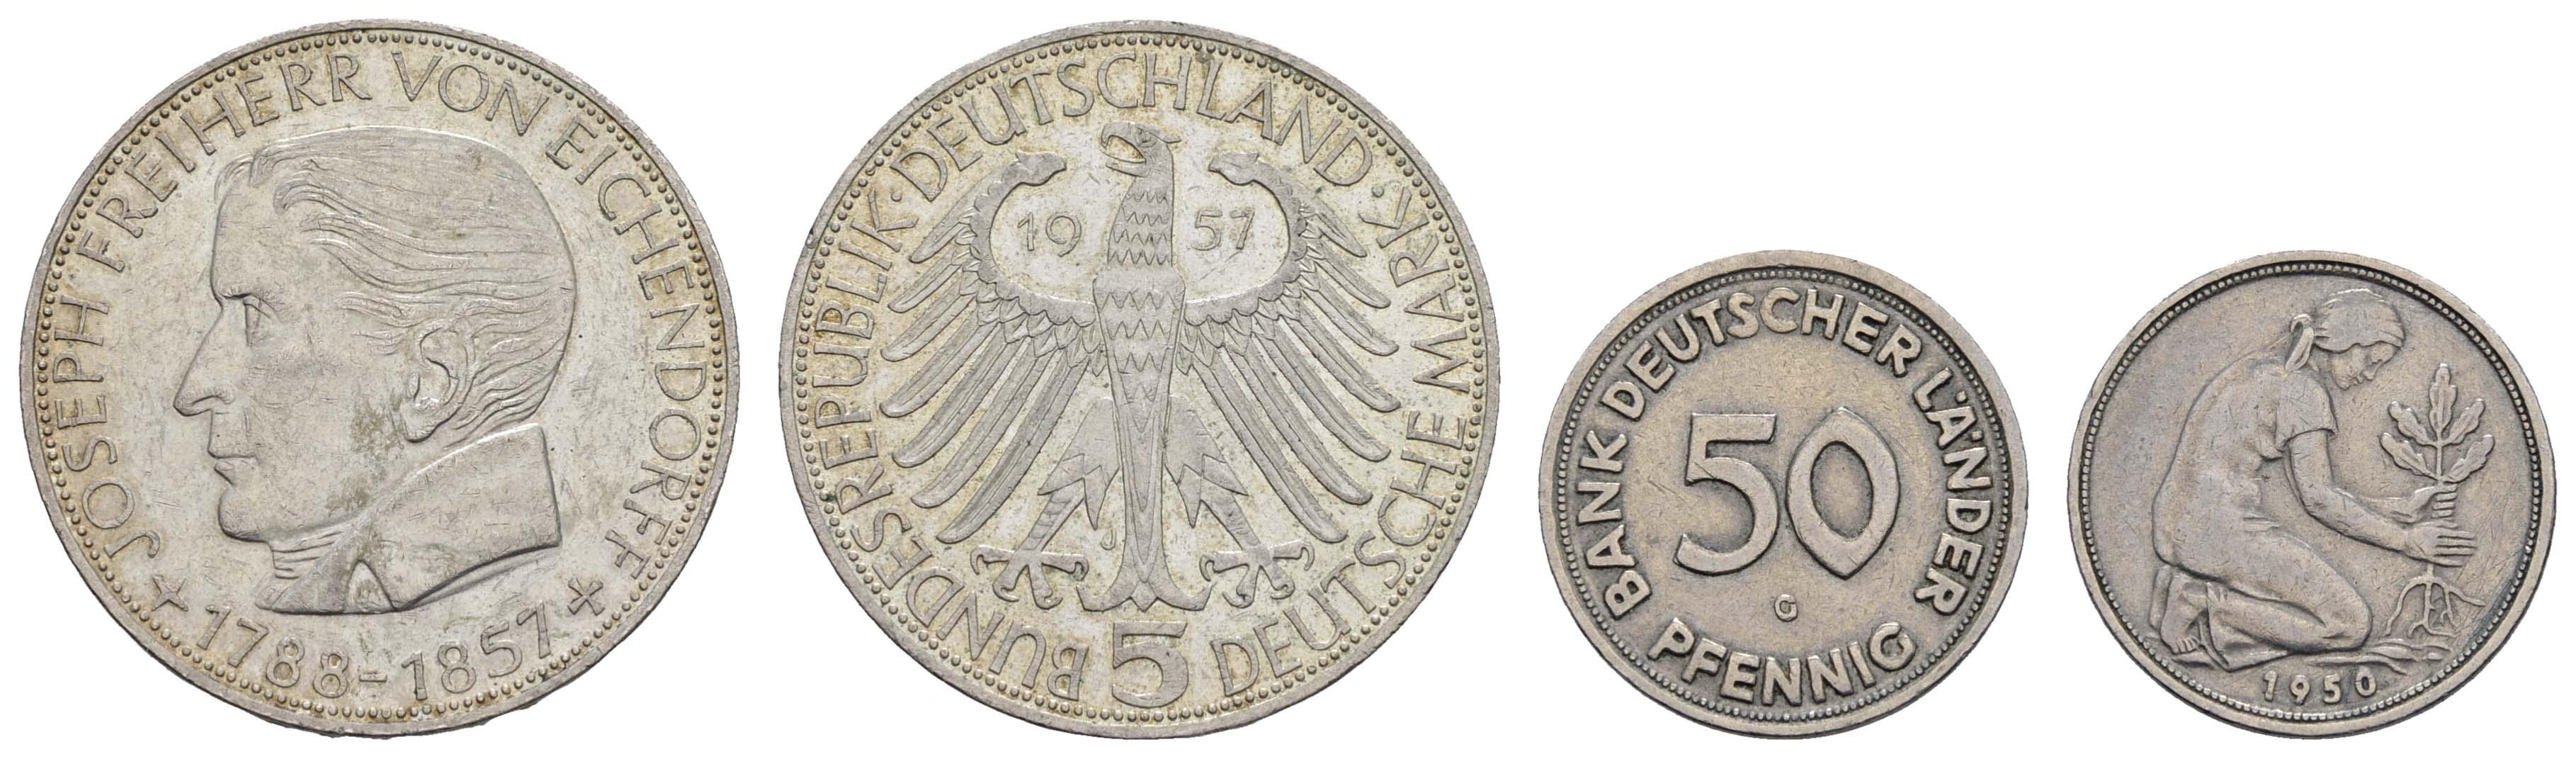 Lot 1156 - deutschland Bundesrepublik (DM) -  Auktionshaus Ulrich Felzmann GmbH & Co. KG Coins single lots